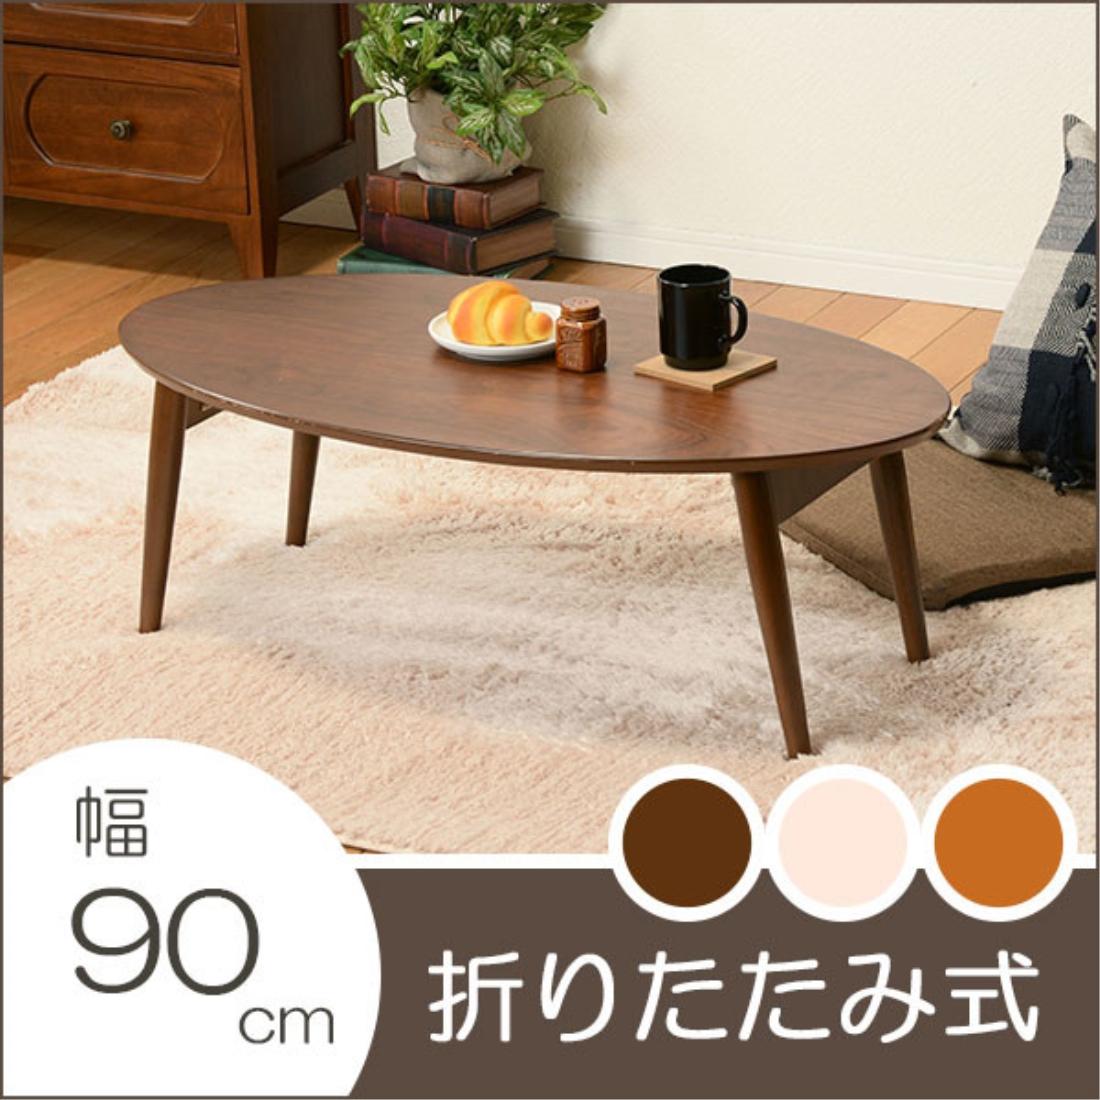 送料無料 オシャレ 家具 折れ脚テーブル 楕円 テーブル 幅90cm 机 ライトブラウン